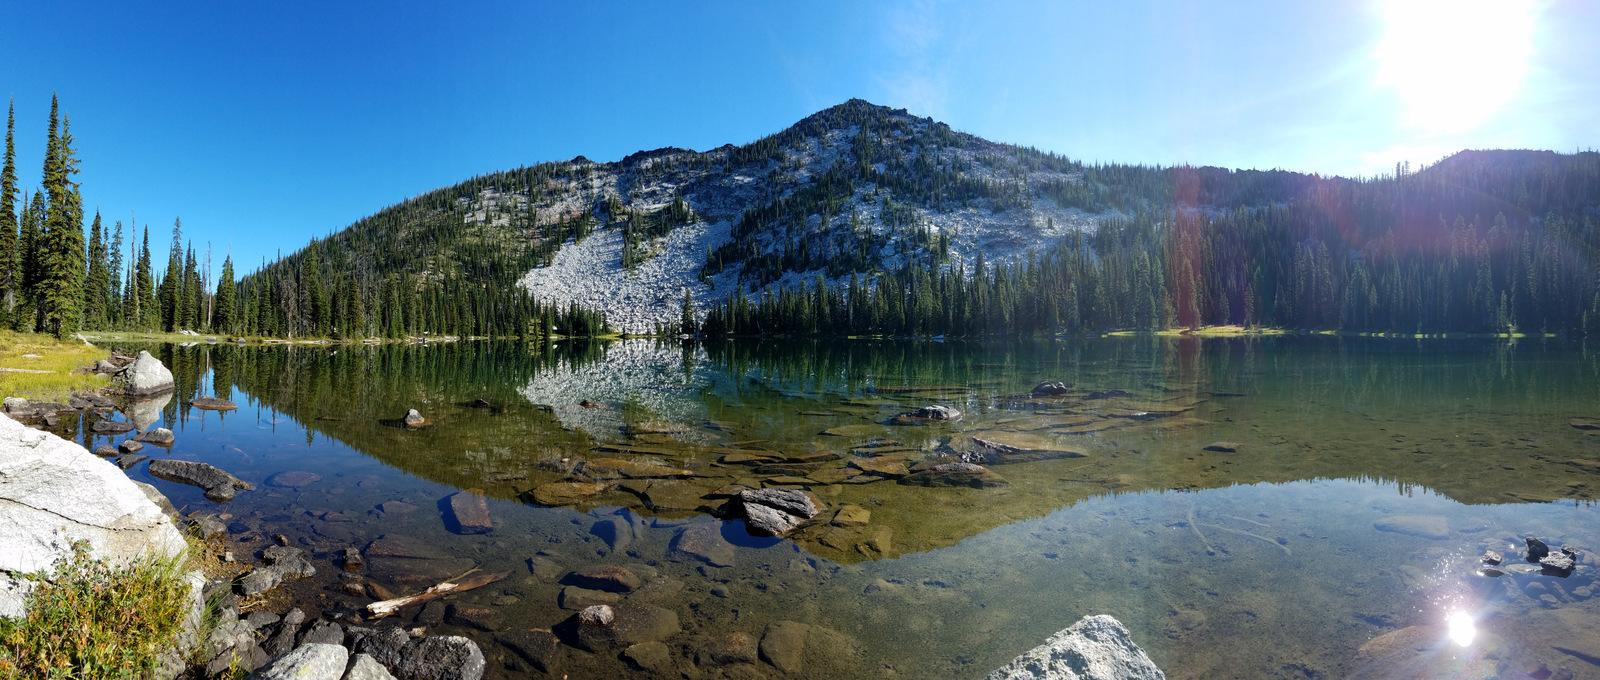 Upper Wind Lake